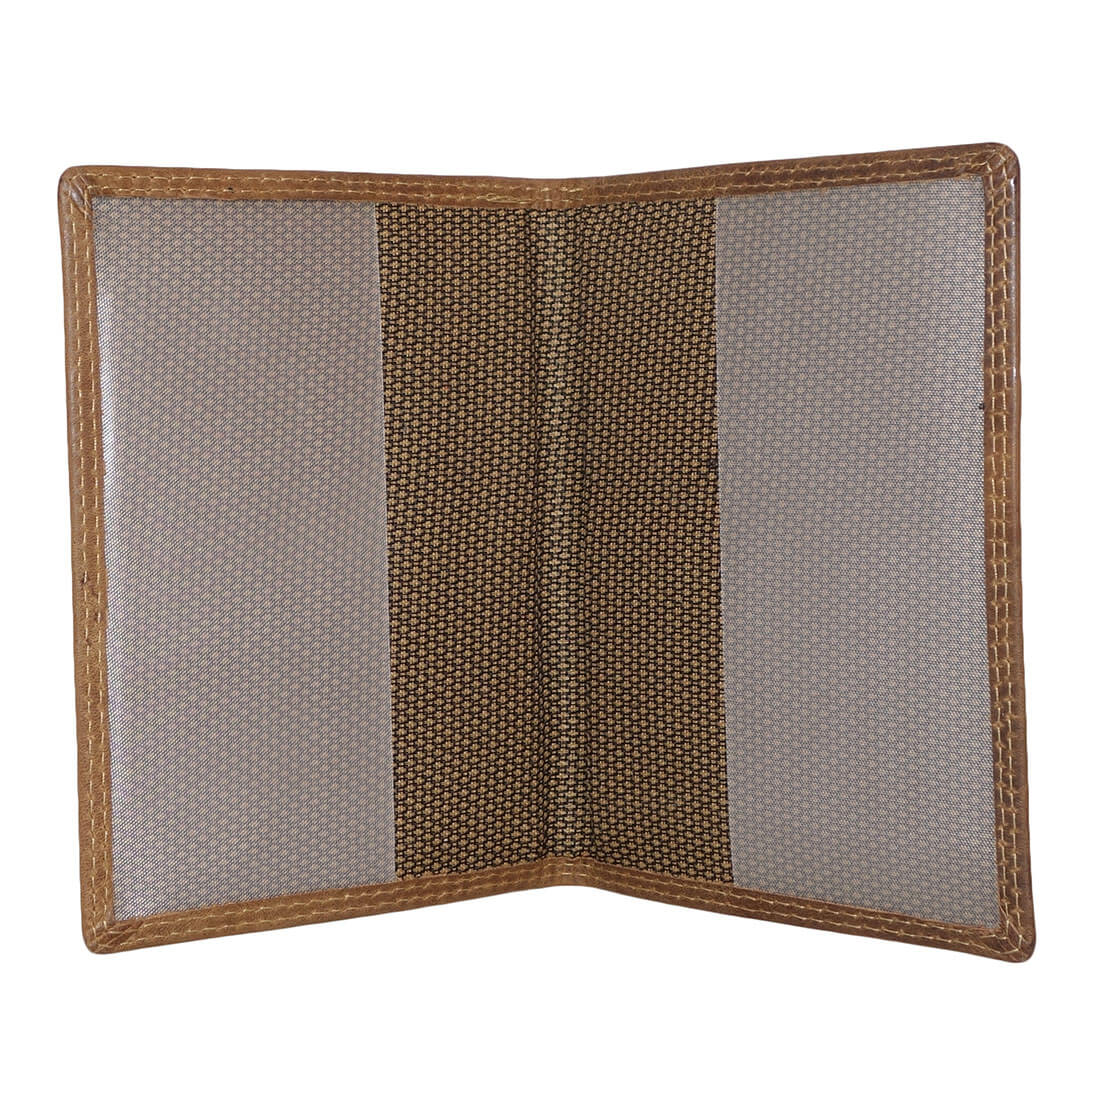 573a11adce1 Leather Design Paspoort Etui Cognac online kopen